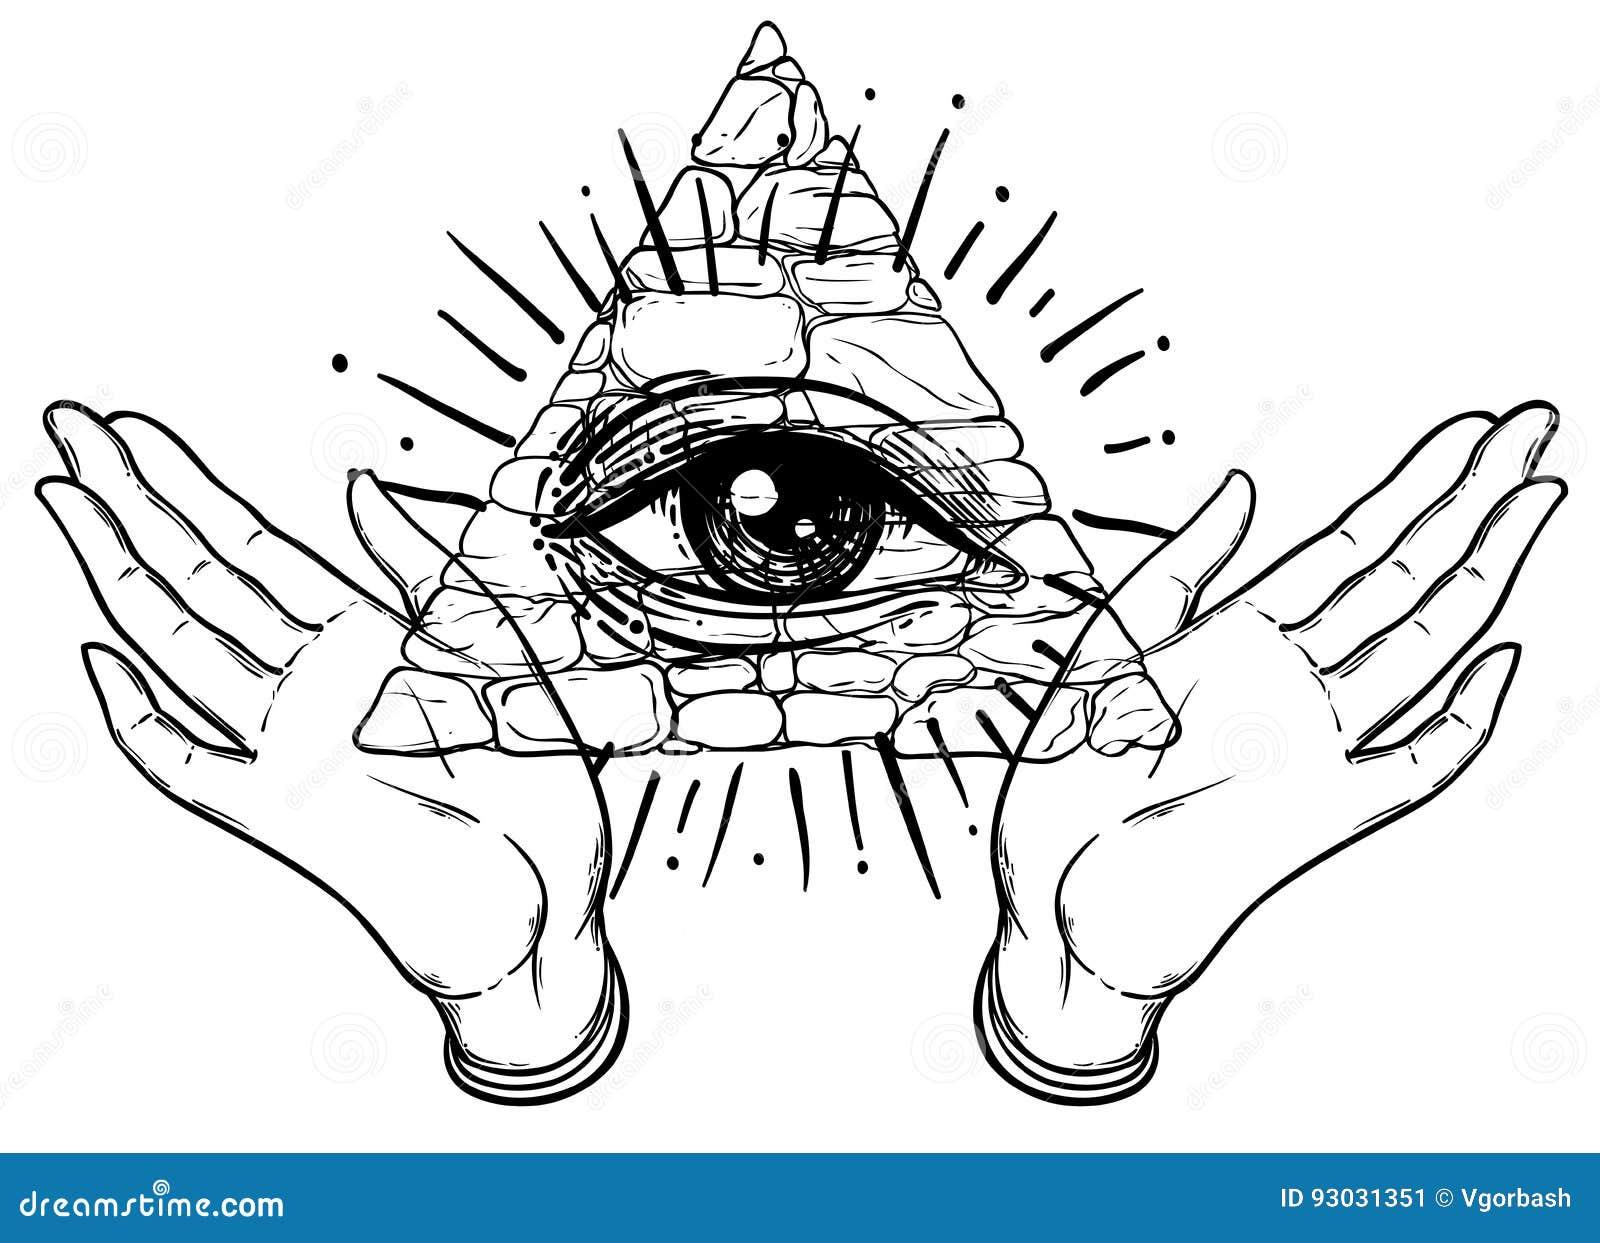 Female hands open around masonic symbol new world order hand d female hands open around masonic symbol new world order hand d biocorpaavc Gallery